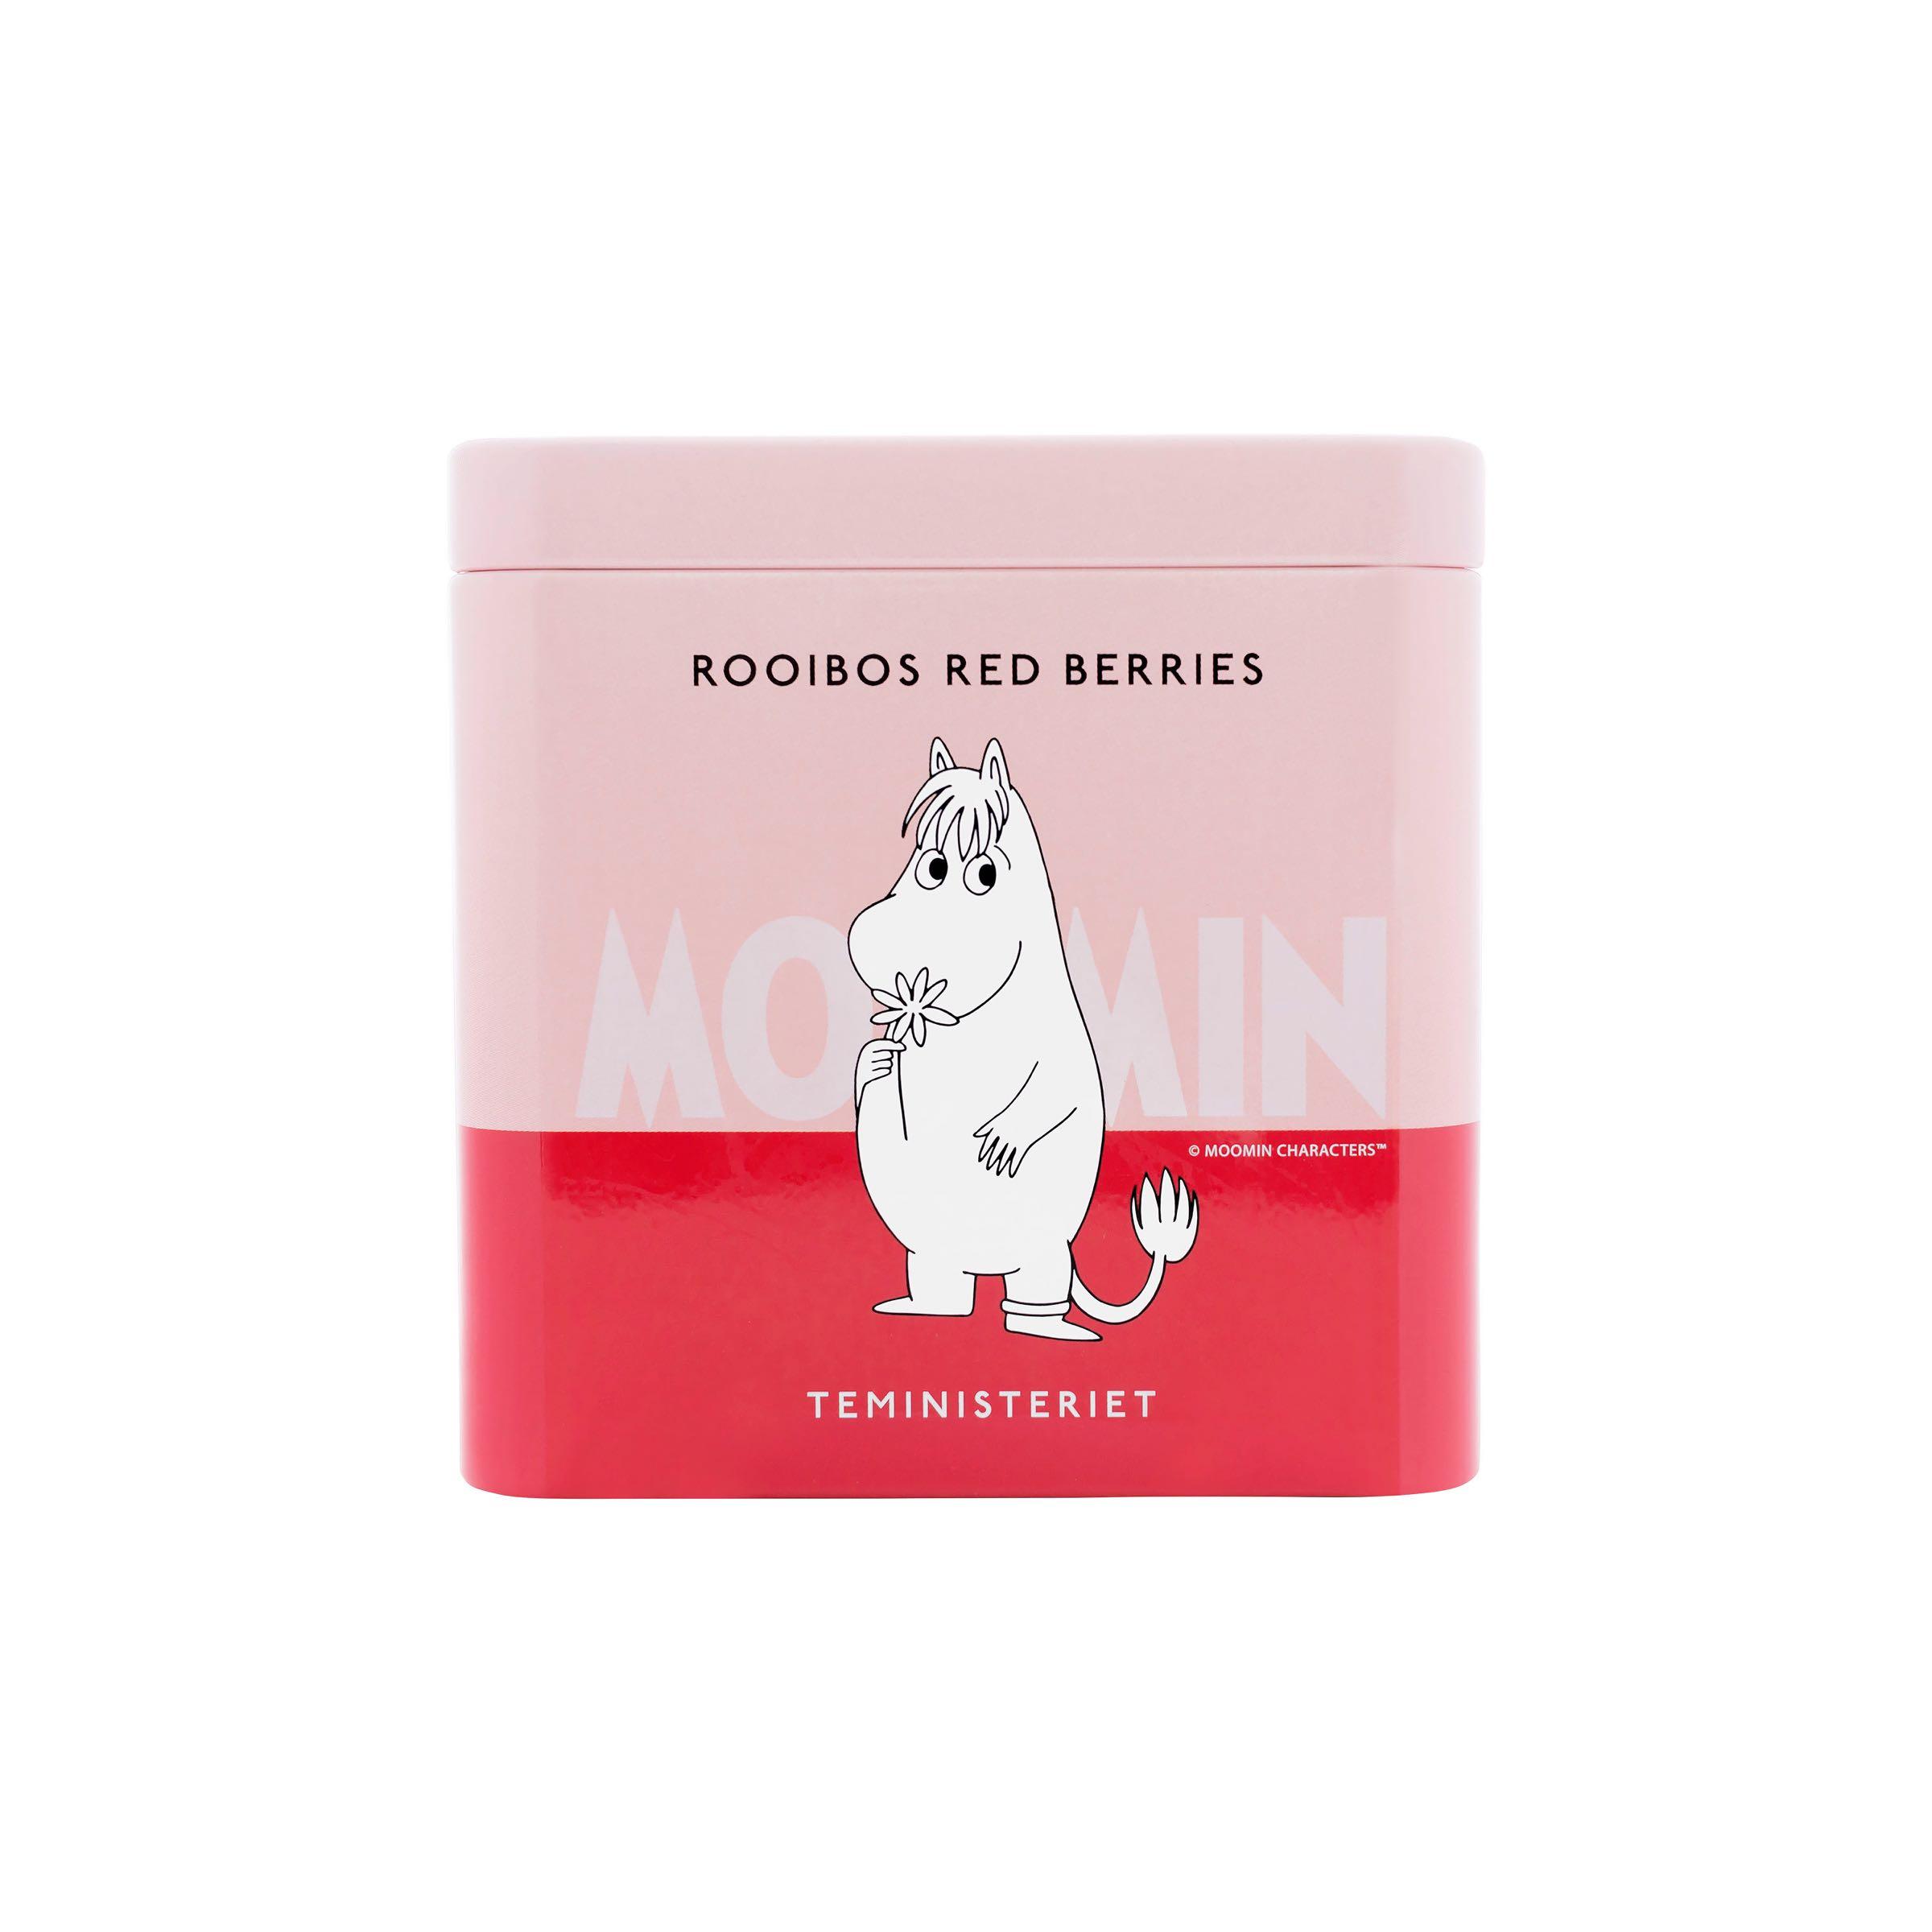 Teministeriet Moomin Te- Rooibos Red Berries